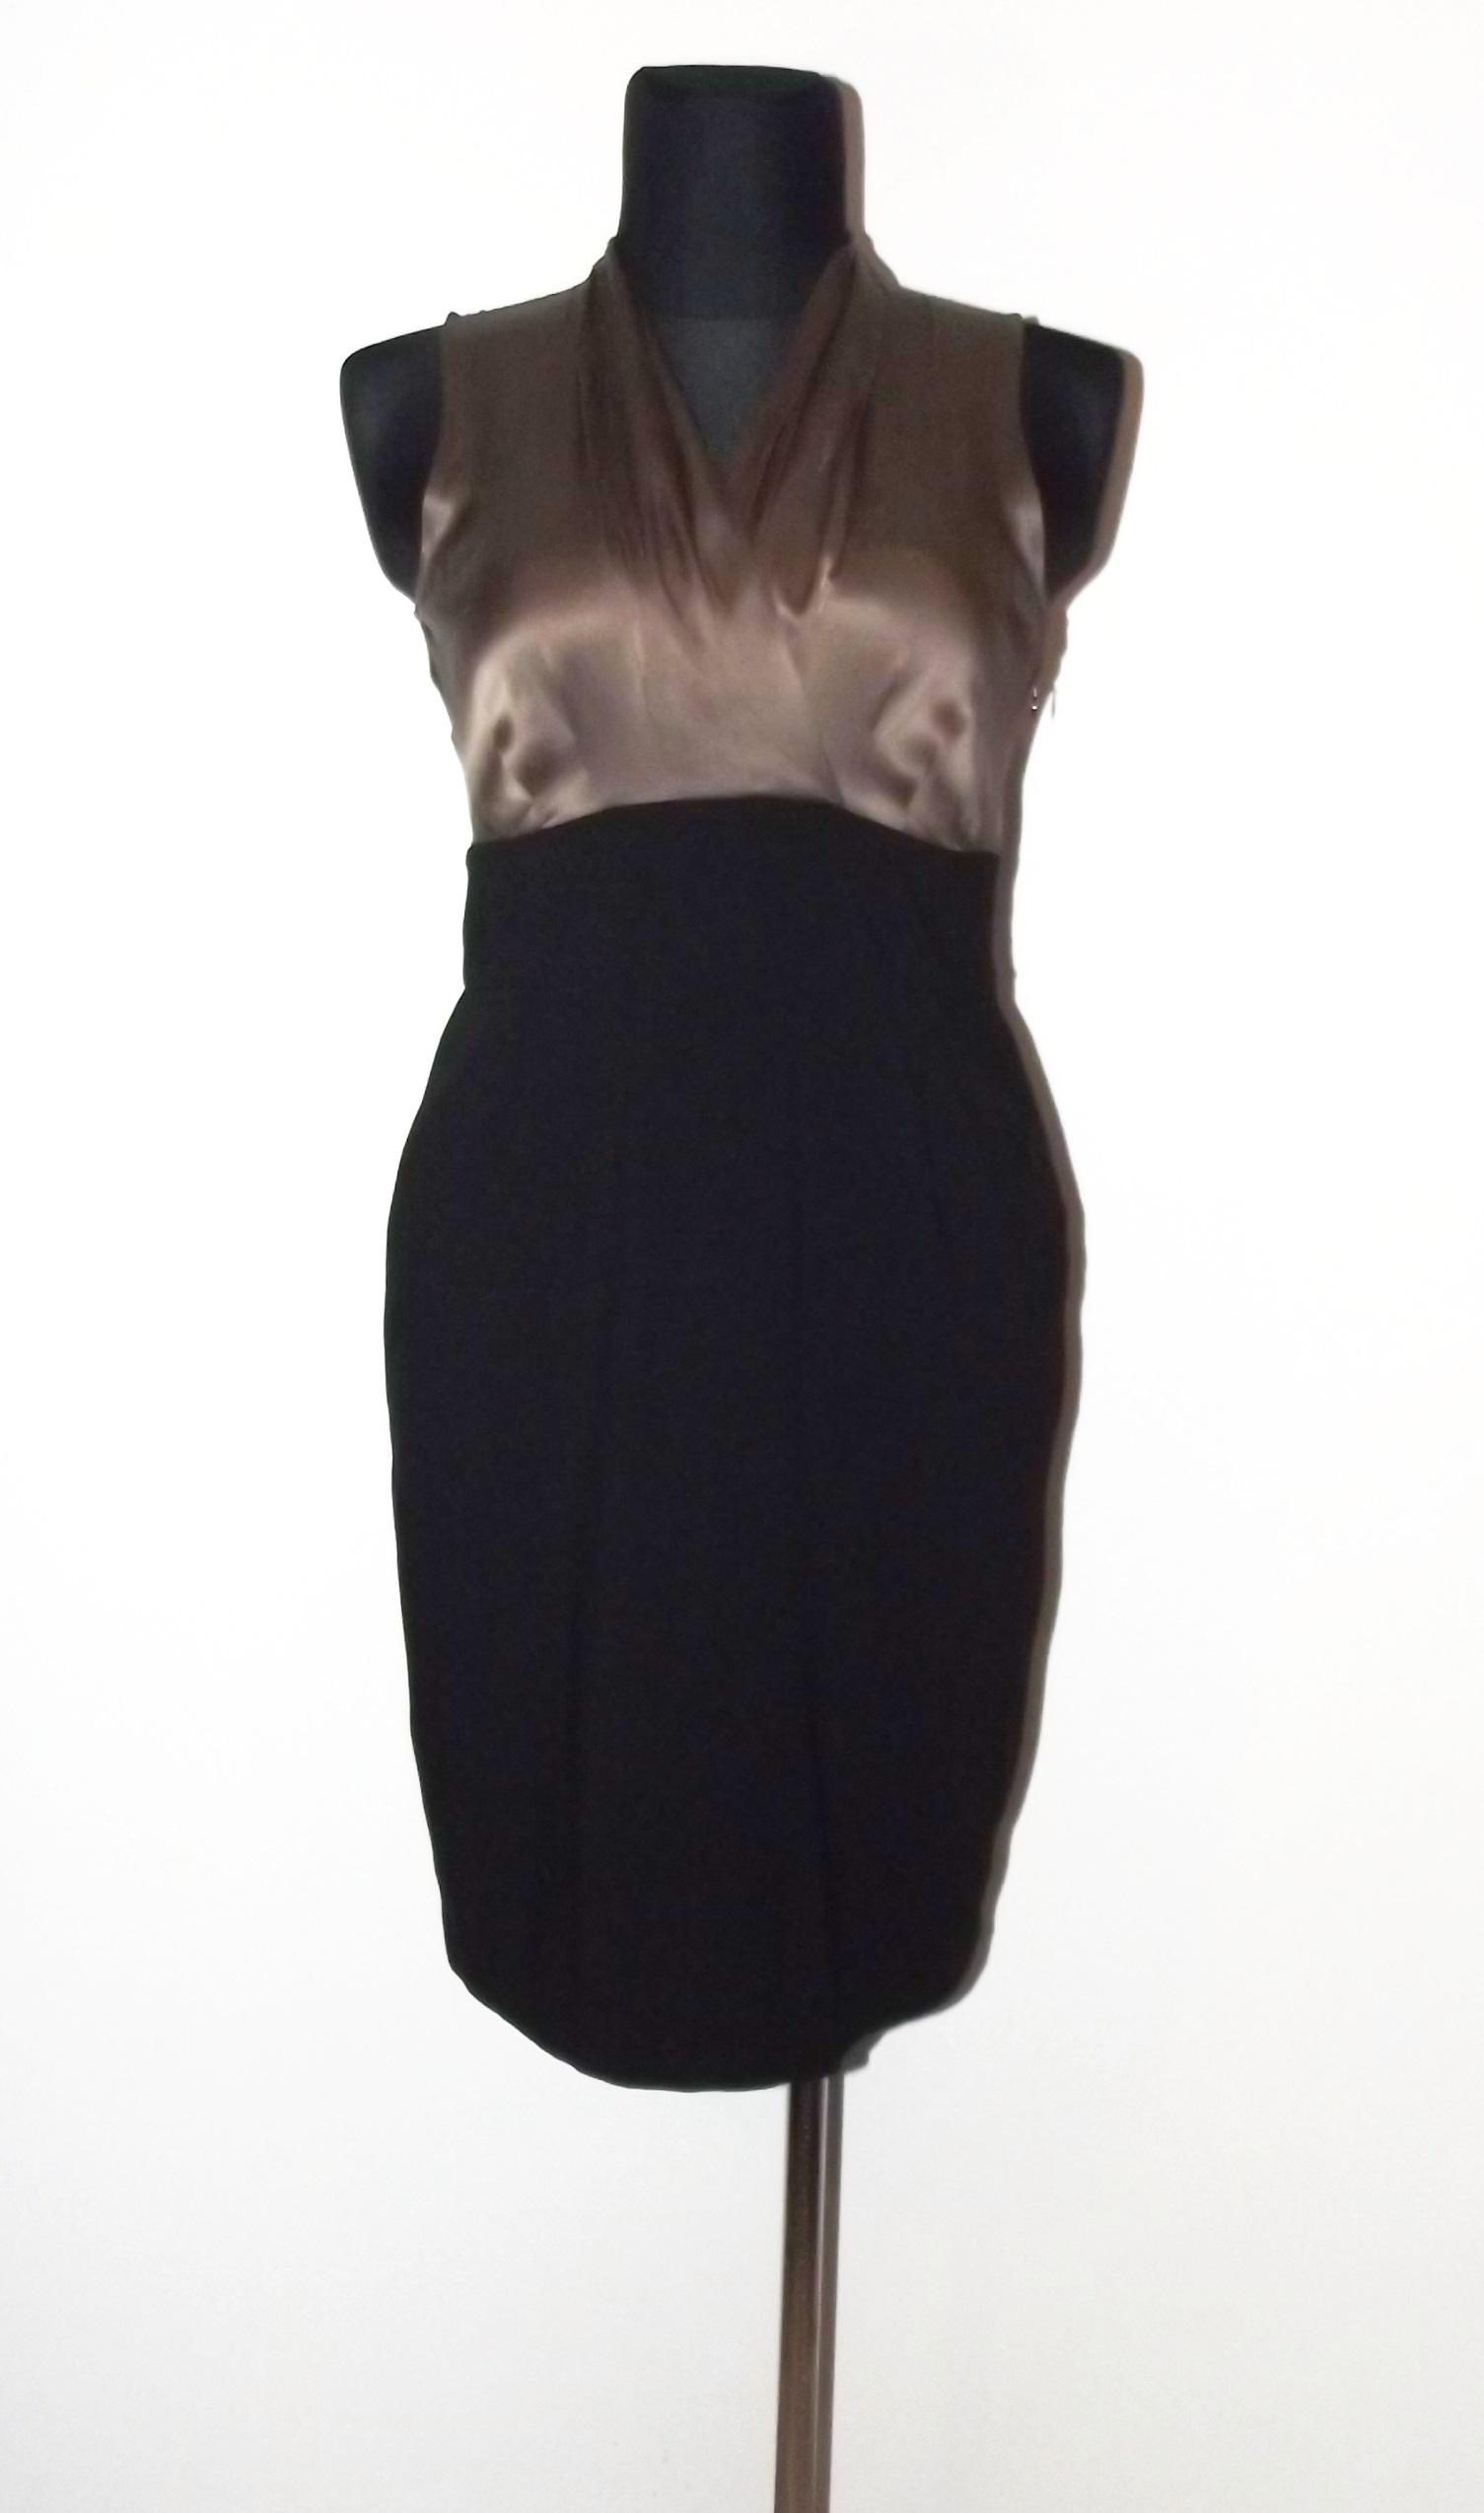 3c50659085 SIMPLE klasyczna sukienka z jedwabiem 40 42 - 7217349118 - oficjalne ...